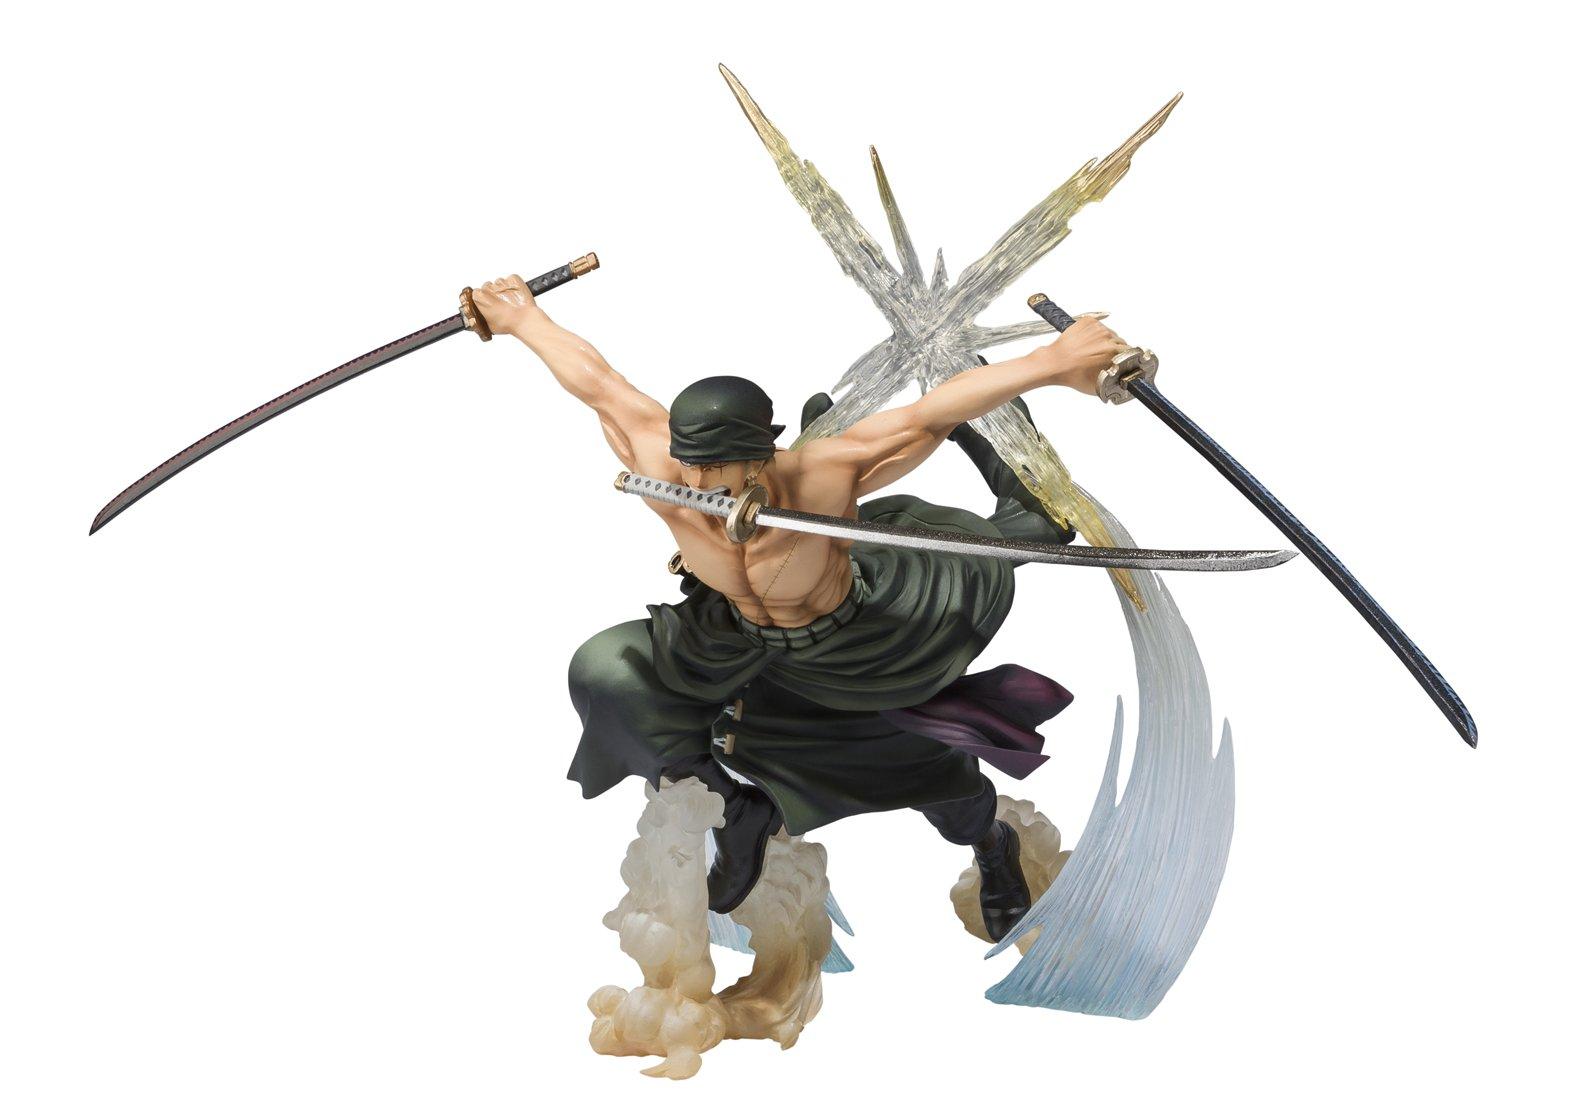 Bandai Tamashii Nations Figuarts Zero Roronoa Zoro Battle Version Rengoku Onigiri Action Figure